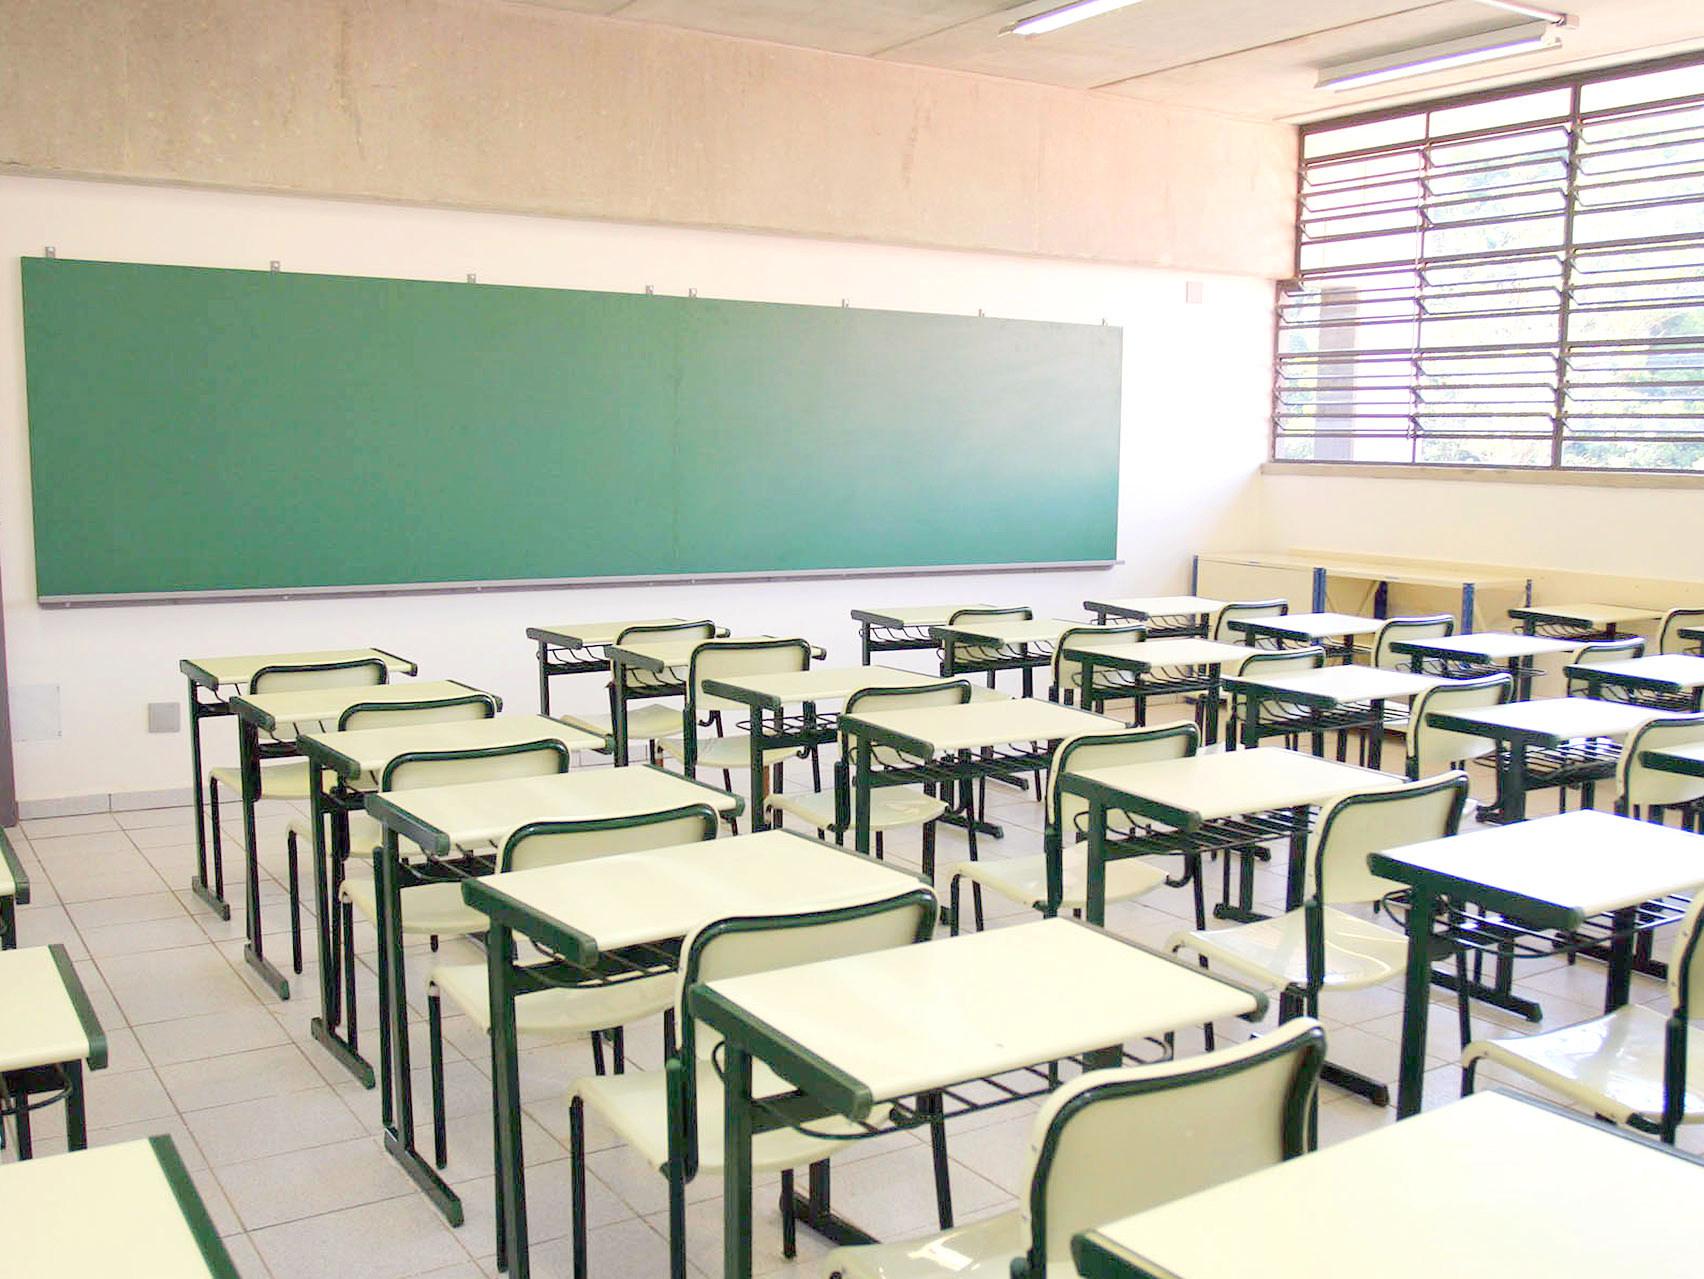 Faltam muitas respostas para reforma do ensino médio, diz presidente de Conselho